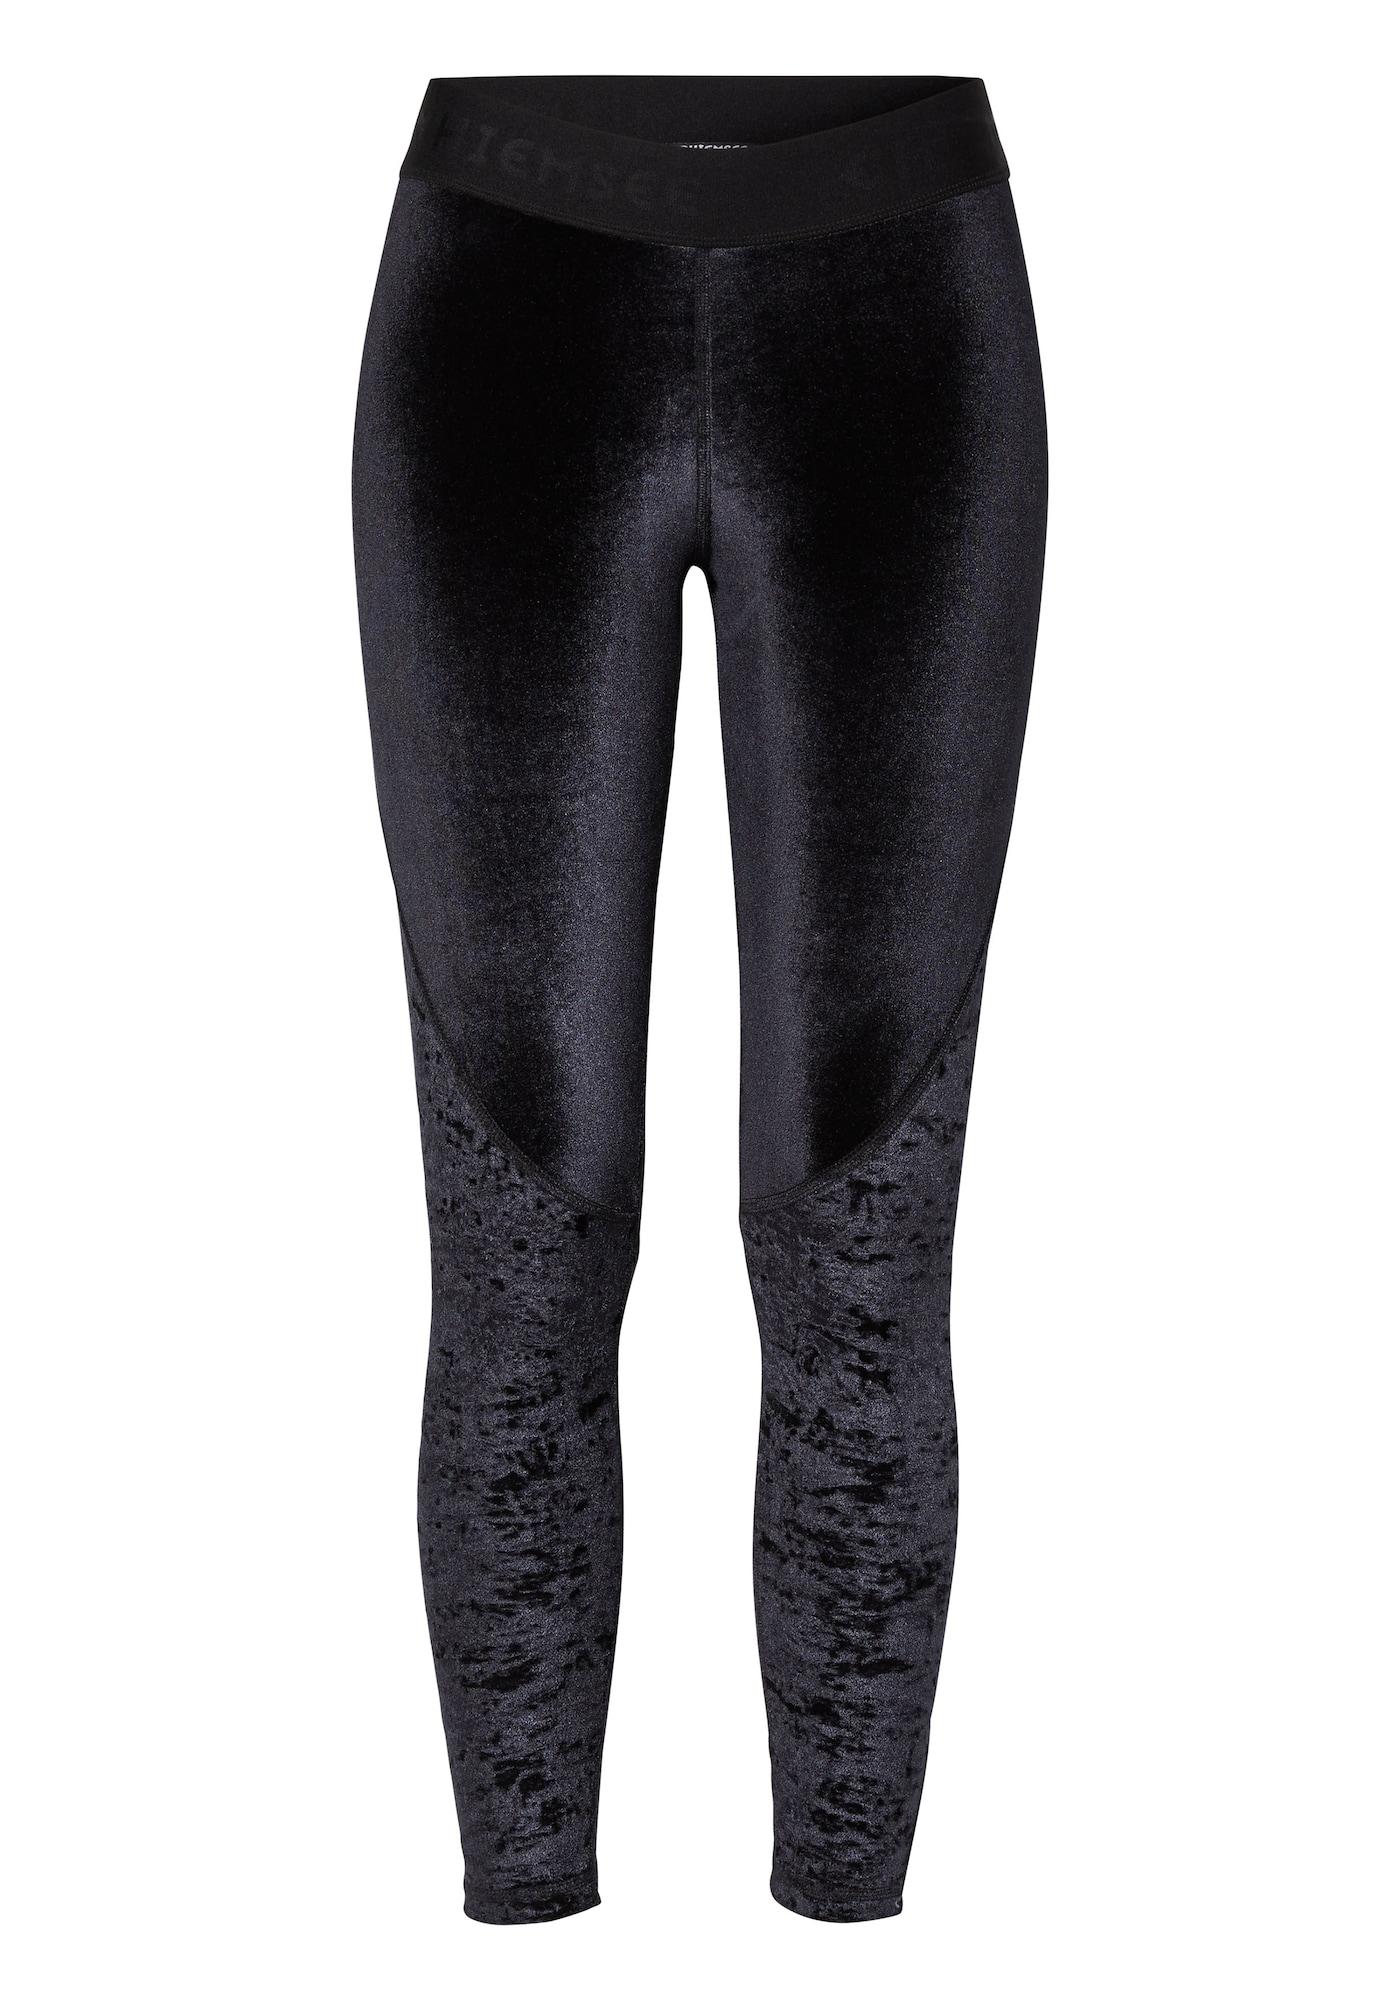 CHIEMSEE Sportinės trumpikės juoda